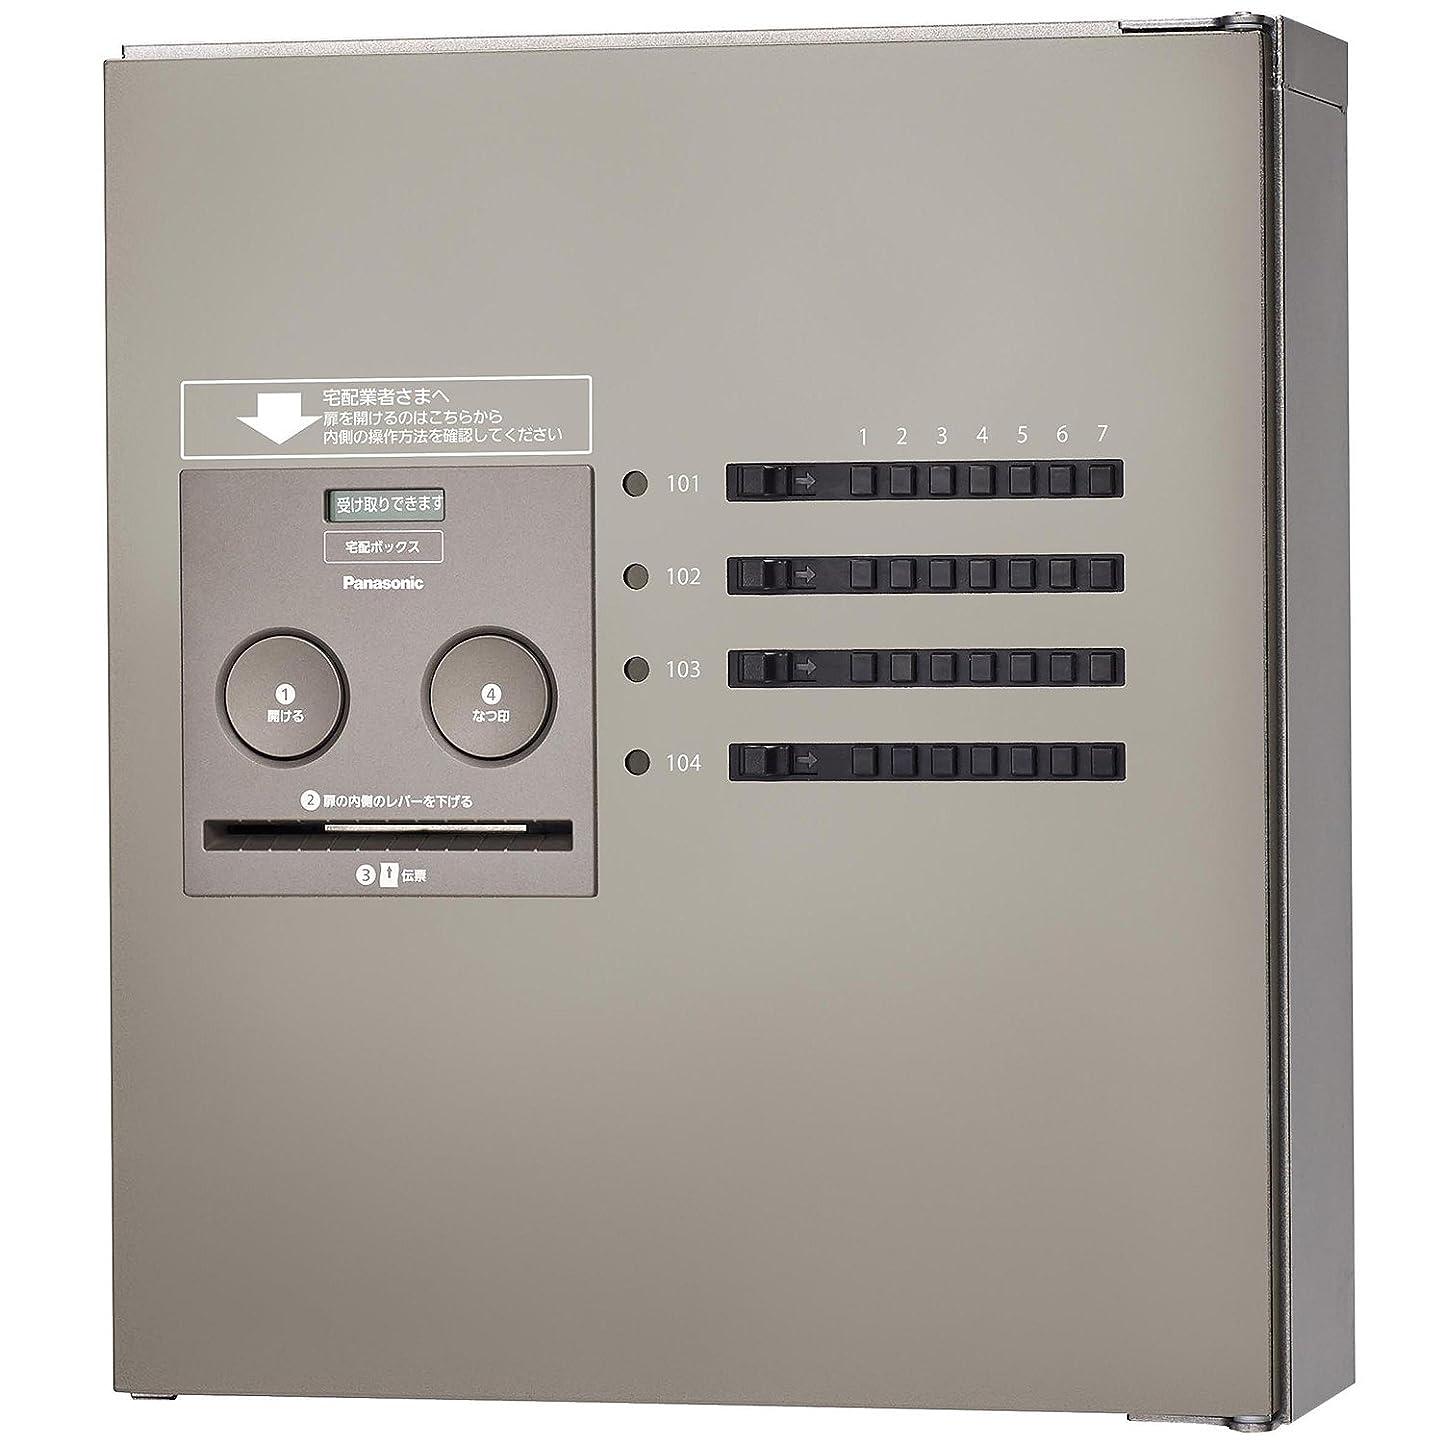 貫通するおとなしい母パナソニック(Panasonic) 集合住宅用宅配ボックス COMBO-Maison コンパクト 8錠 (前出し) 左開き ステンシルバー CTNR4840LSC